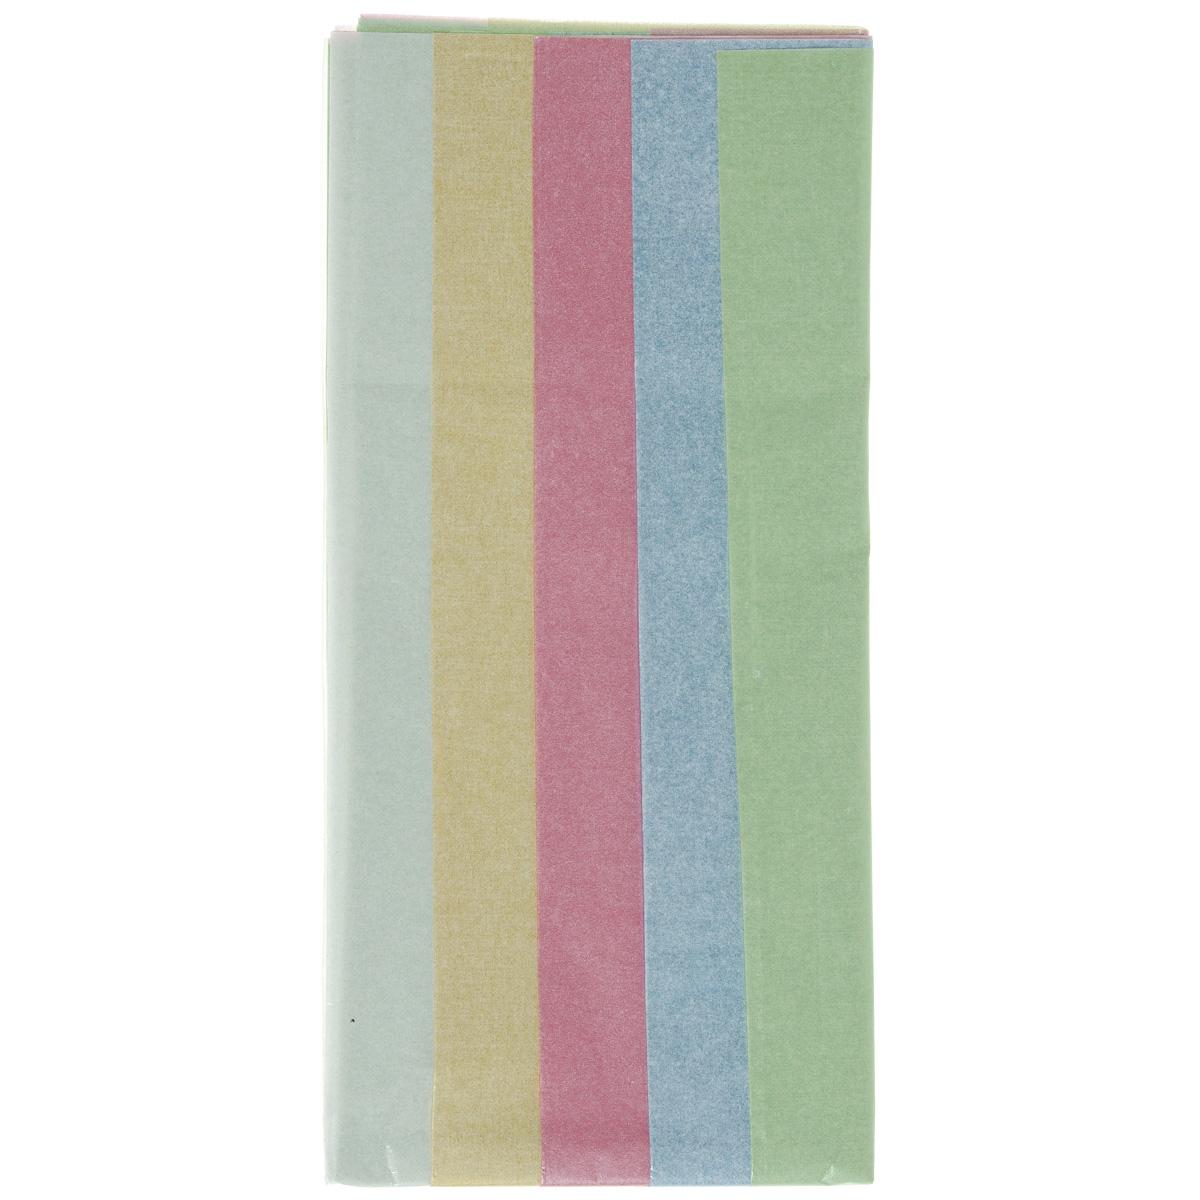 Бумага папиросная Folia, 50 см х 70 см, 5 листов. 77081337708133Бумага папиросная Folia - это великолепная тонкая и эластичная декоративная бумага. Такая бумага очень хороша для изготовления своими руками цветов и букетов с конфетами, топиариев, декорирования праздничных мероприятий. Также из нее получается шикарная упаковка для подарков. Интересный эффект дает сочетание мягкой полупрозрачной фактуры папиросной бумаги с жатыми и матовыми фактурами: креп-бумагой, тутовой и различными видами картона. Бумага очень тонкая, полупрозрачная - поэтому ее можно оригинально использовать в декоре стекла, светильников и гирлянд. В комплекте 5 листов разных цветов: белый, розовый, желтый, голубой, зеленый. Достаточно большие размеры листа и богатая цветовая палитра дают простор вашей творческой фантазии.